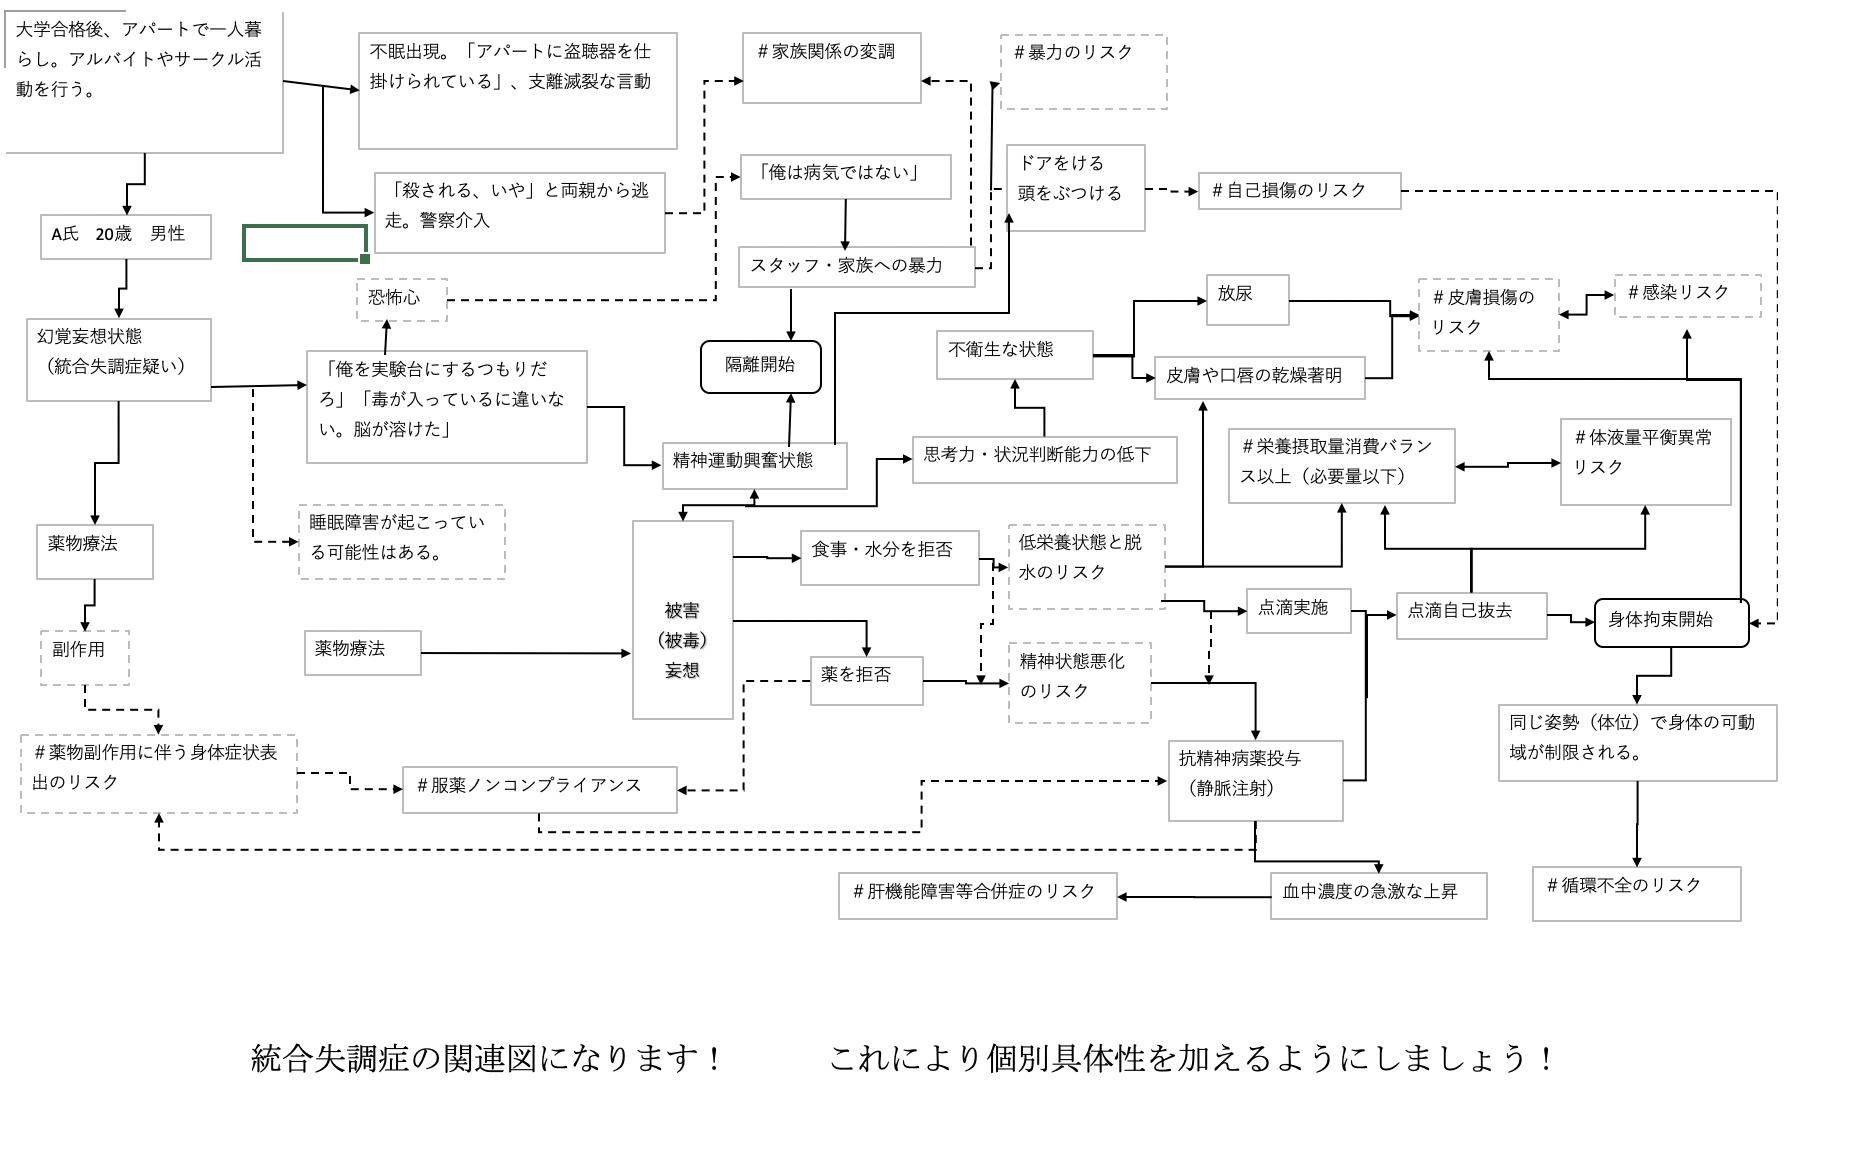 統合失調症 関連図